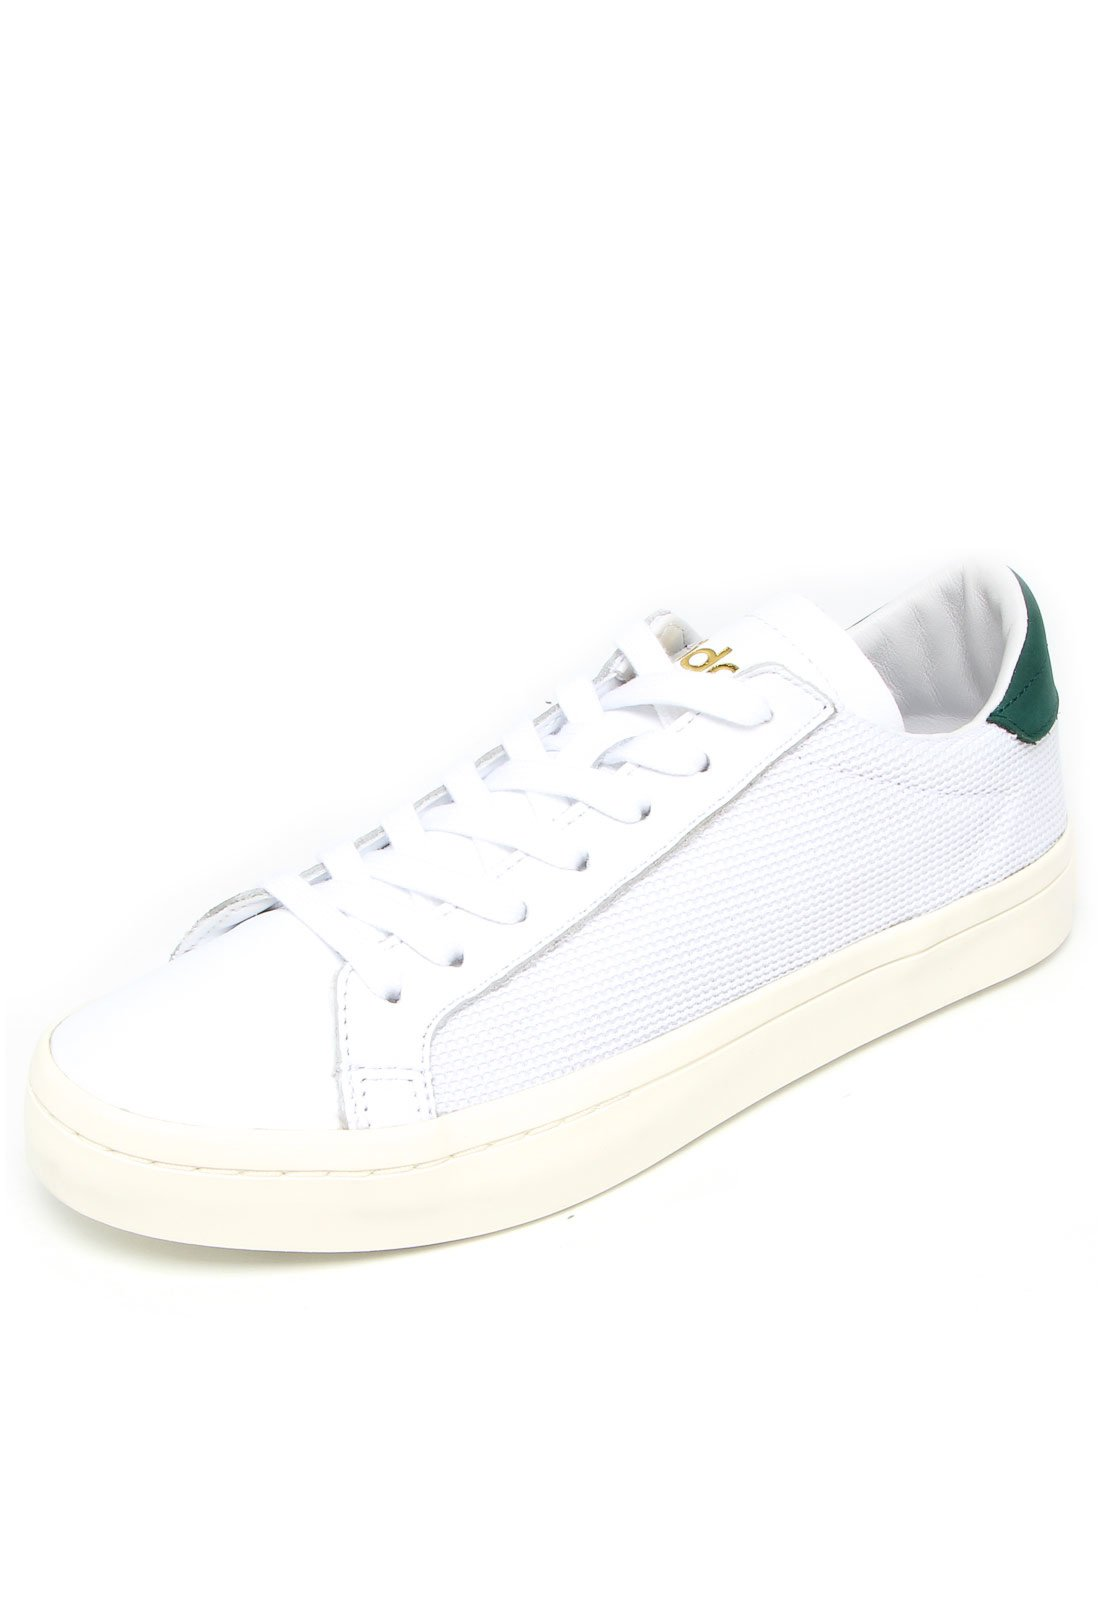 buy online 07346 cb41b Tênis adidas Originals Courtvantage Branco Verde - Compre Agora   Kanui  Brasil